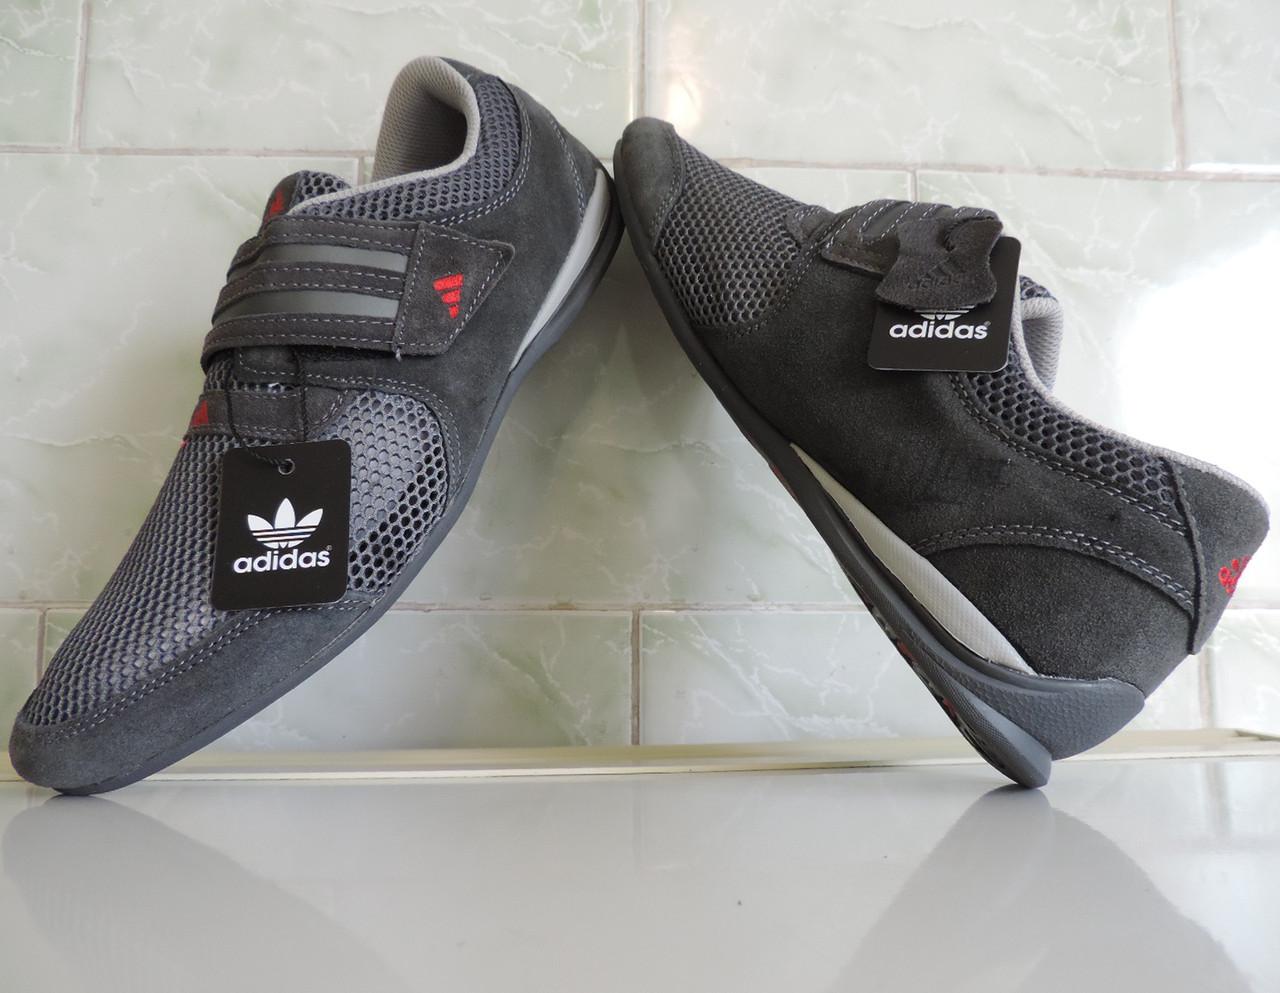 9bcb5c1e ... Фирменные кожаные кроссовки мужские летние Adidas Originals Daroga,  реплика, ...